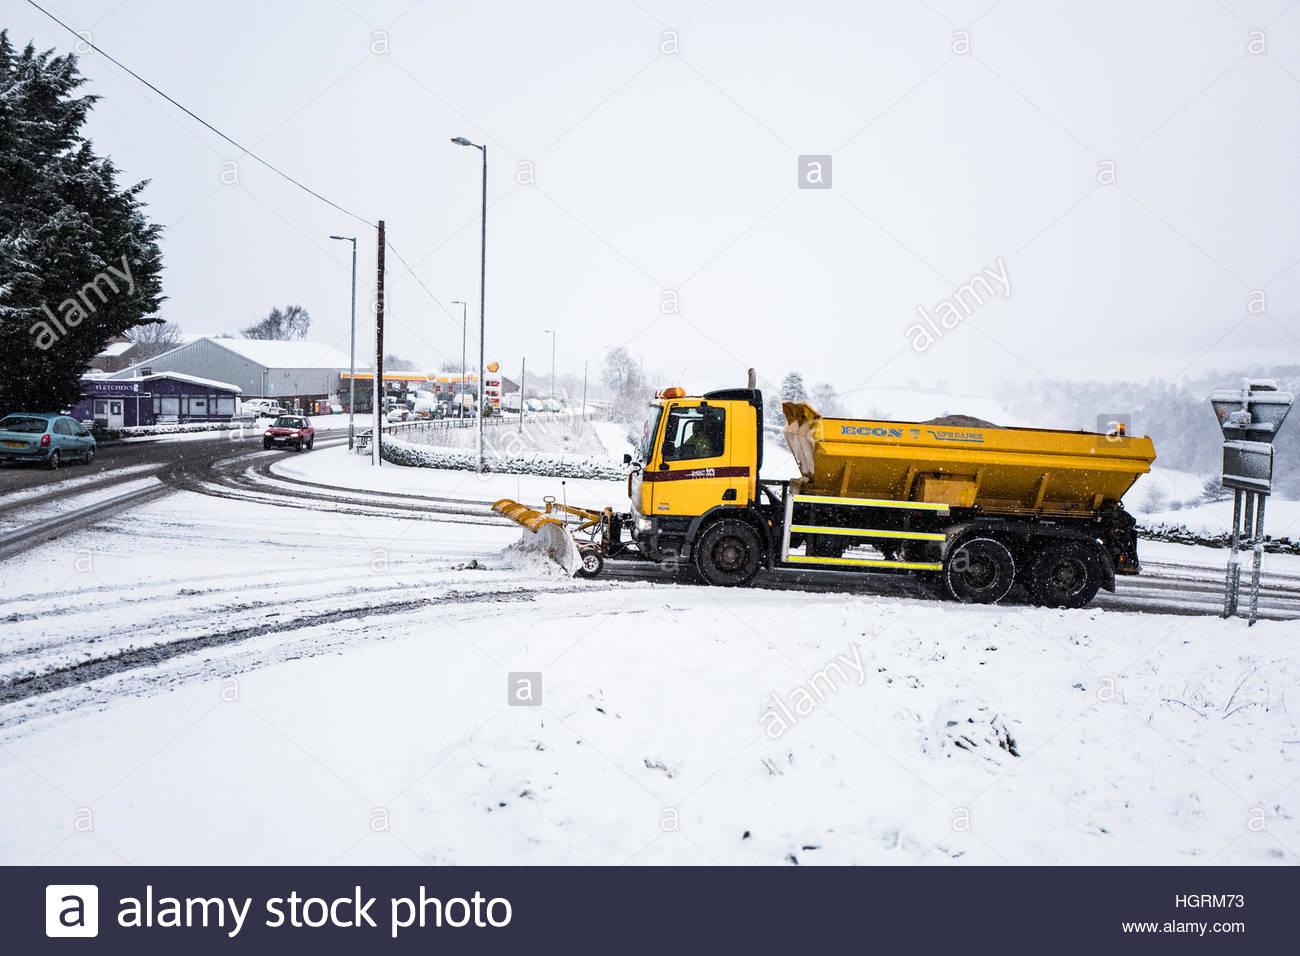 Selkirk, Scottish Borders, au Royaume-Uni. 12 janvier 2017. Un chasse-neige fait son chemin jusqu'alors A7, Photo Stock